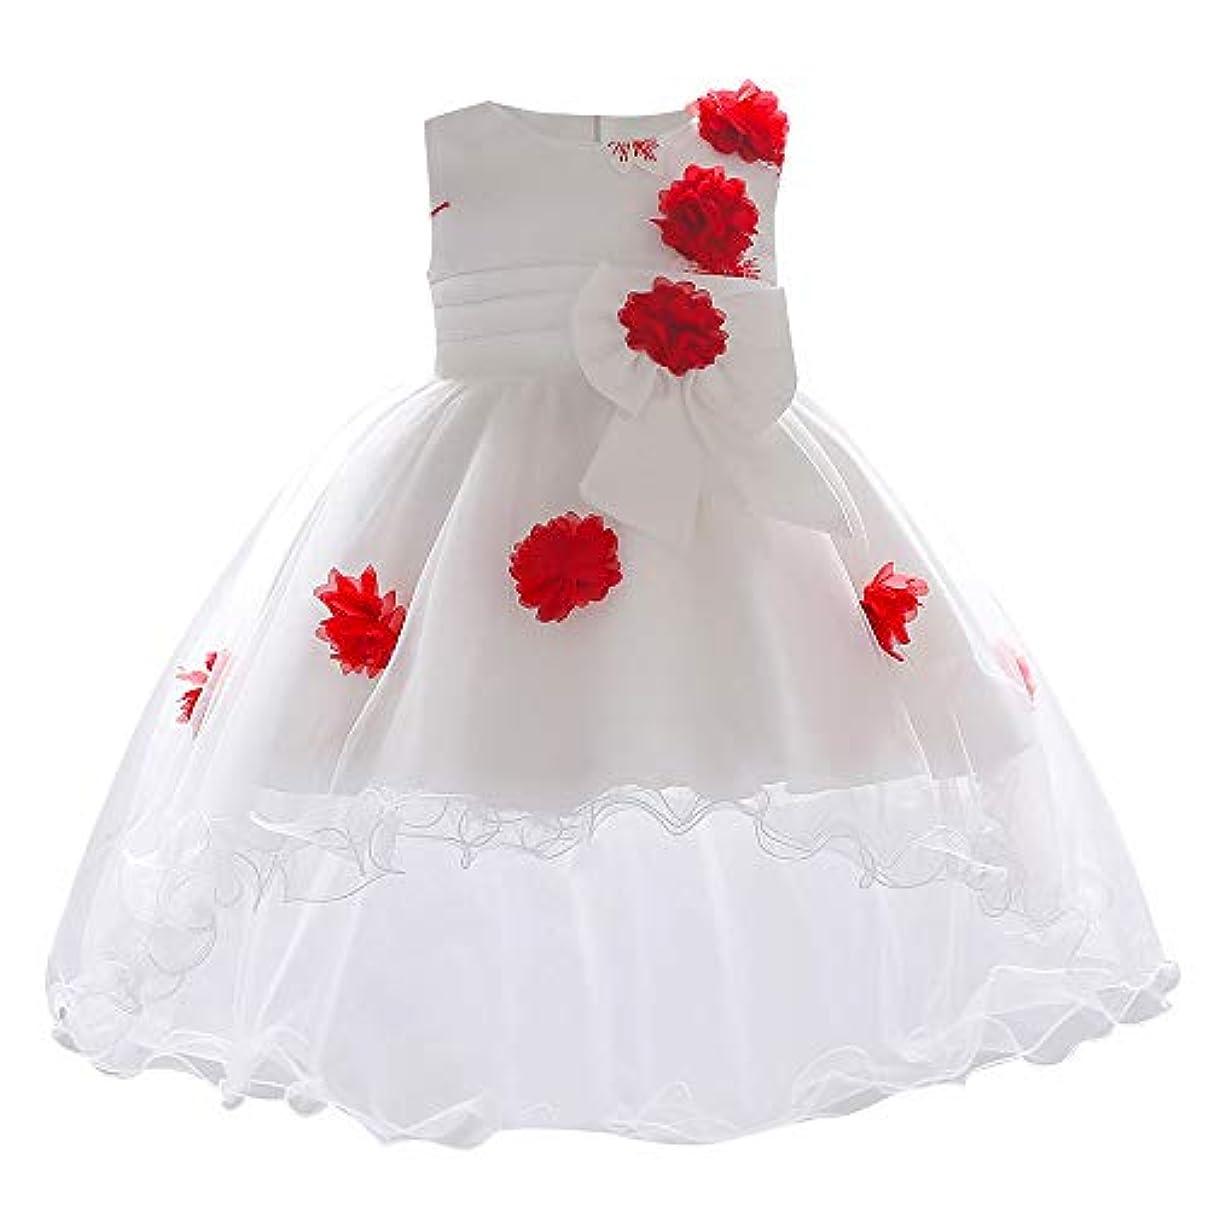 乗算予測子項目Mhomzawa ドレス 女の子 結婚式 発表会 披露宴 フォーマルドレス ガールズ アシンメトリードレス 子供 キッズ ワンピース